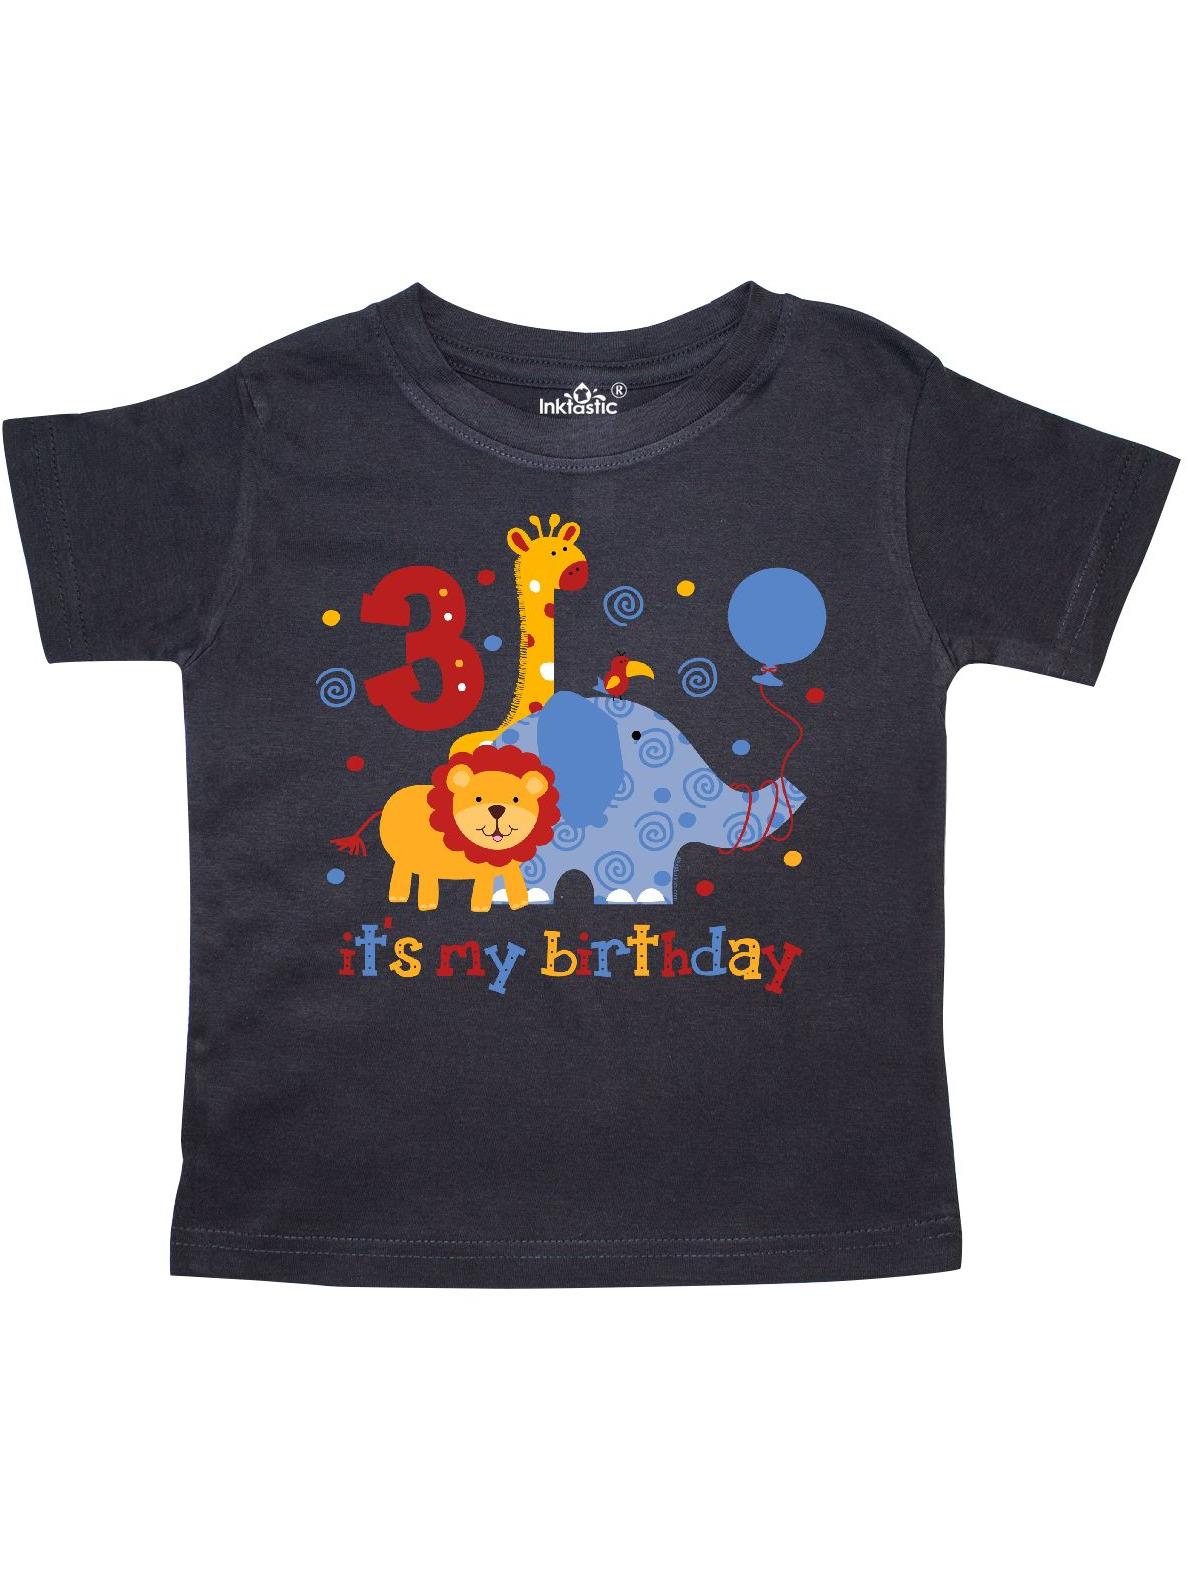 Safari 3rd Birthday Toddler T-Shirt